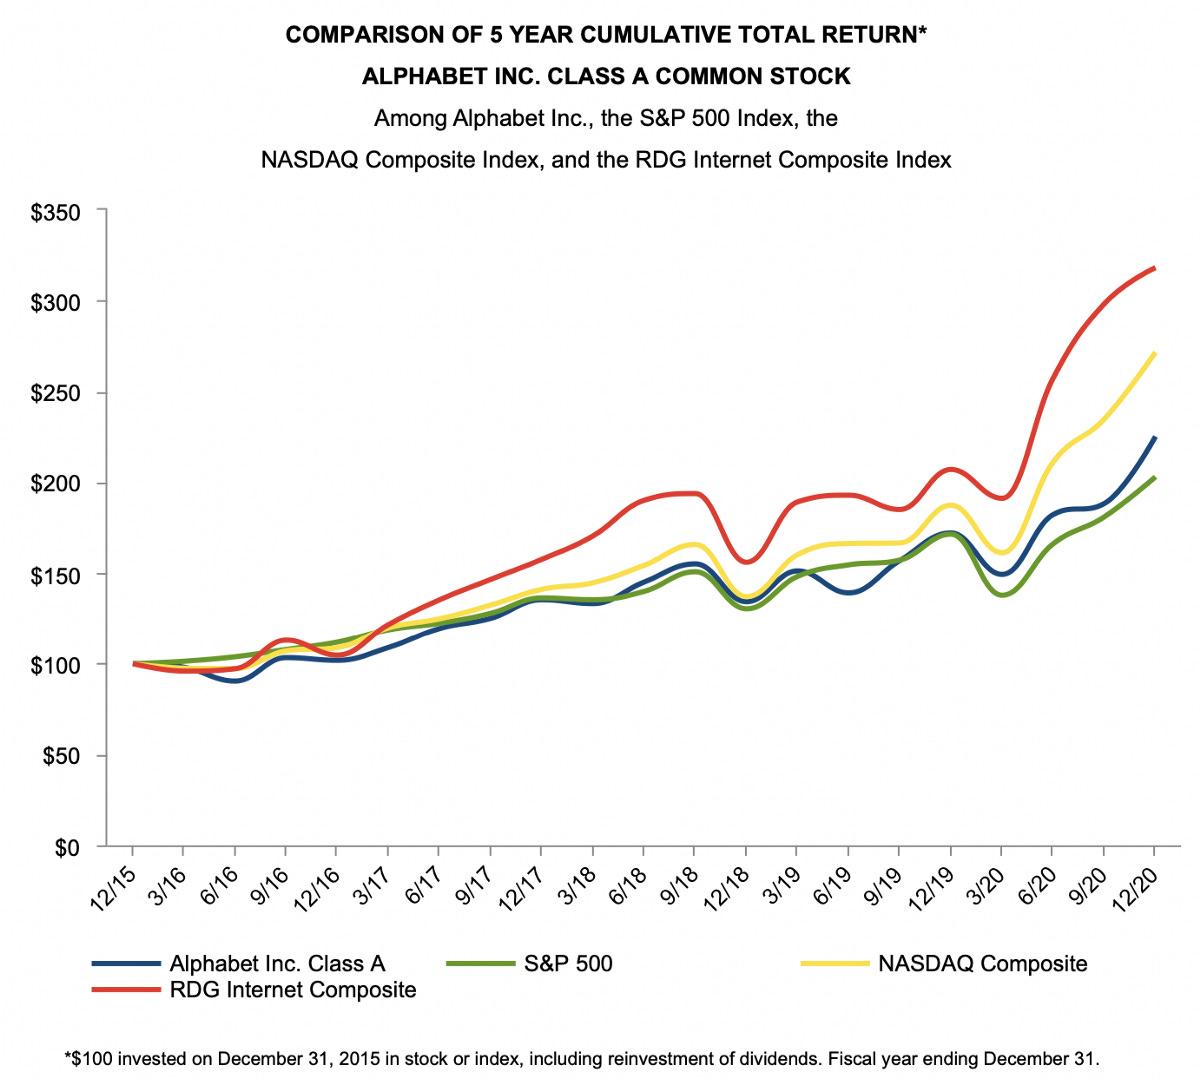 Comparison of 5 year cumulative stock return (in order of highest return): RDG Internet Composit, NASDAQ Composite, Alphabet, S&P 500